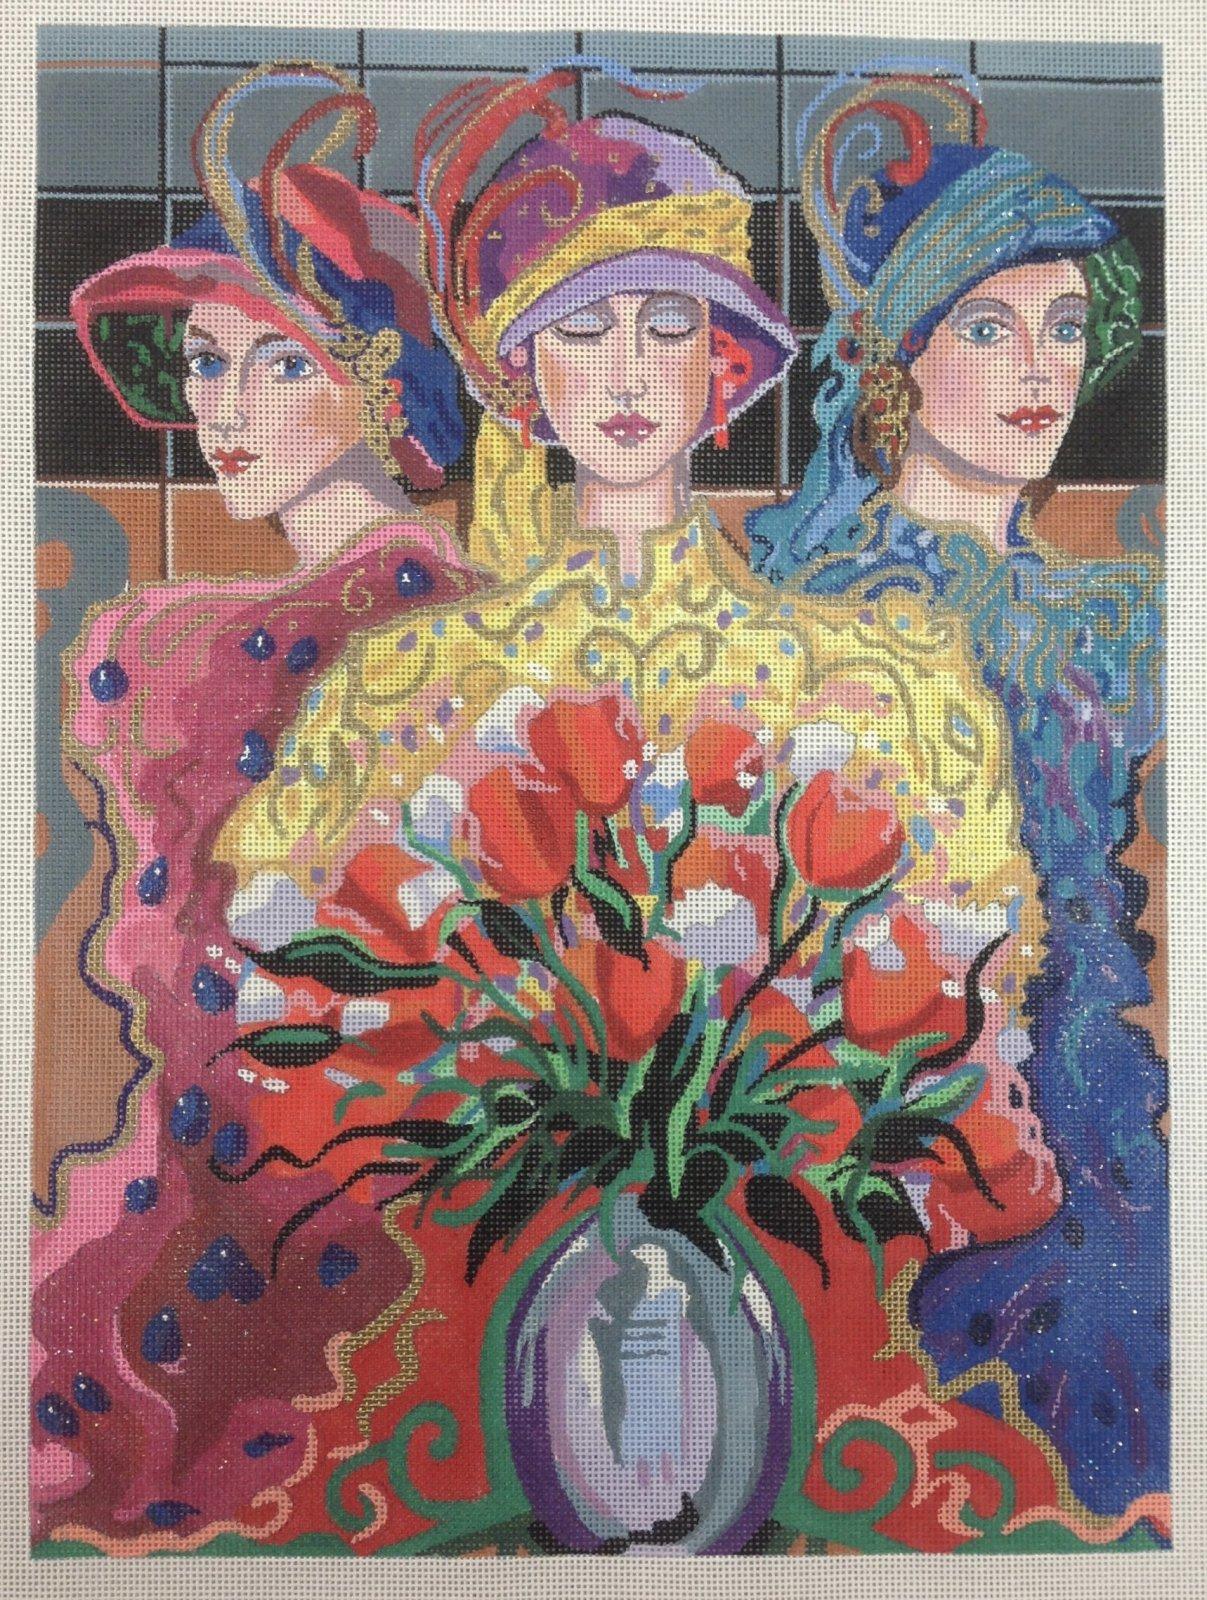 3 ladies & wild flowers